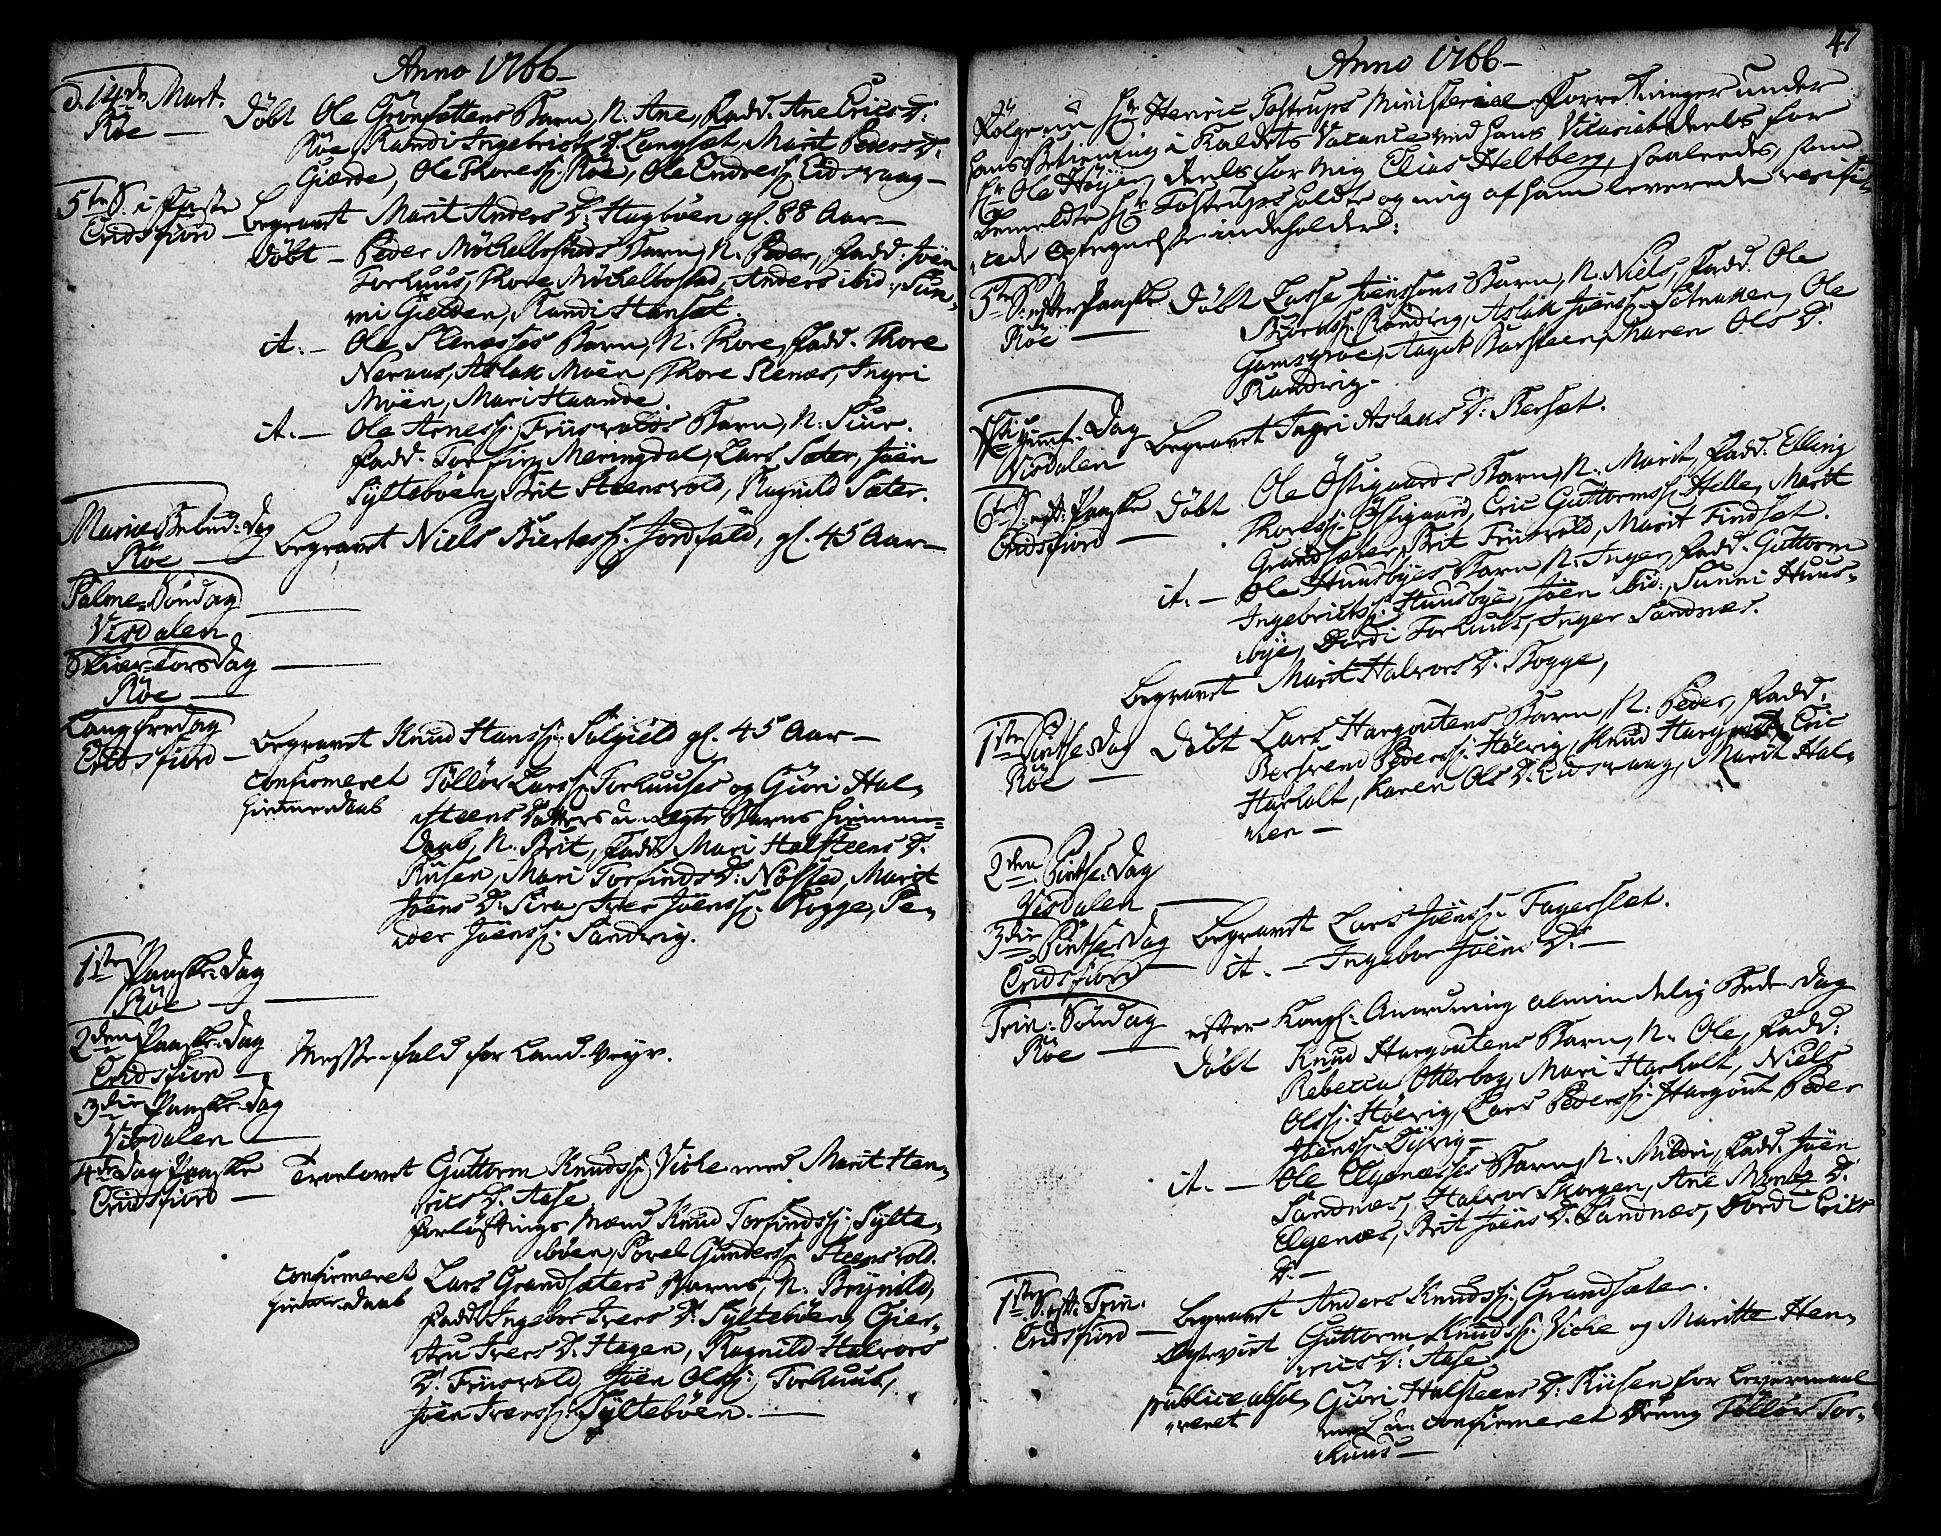 SAT, Ministerialprotokoller, klokkerbøker og fødselsregistre - Møre og Romsdal, 551/L0621: Ministerialbok nr. 551A01, 1757-1803, s. 47